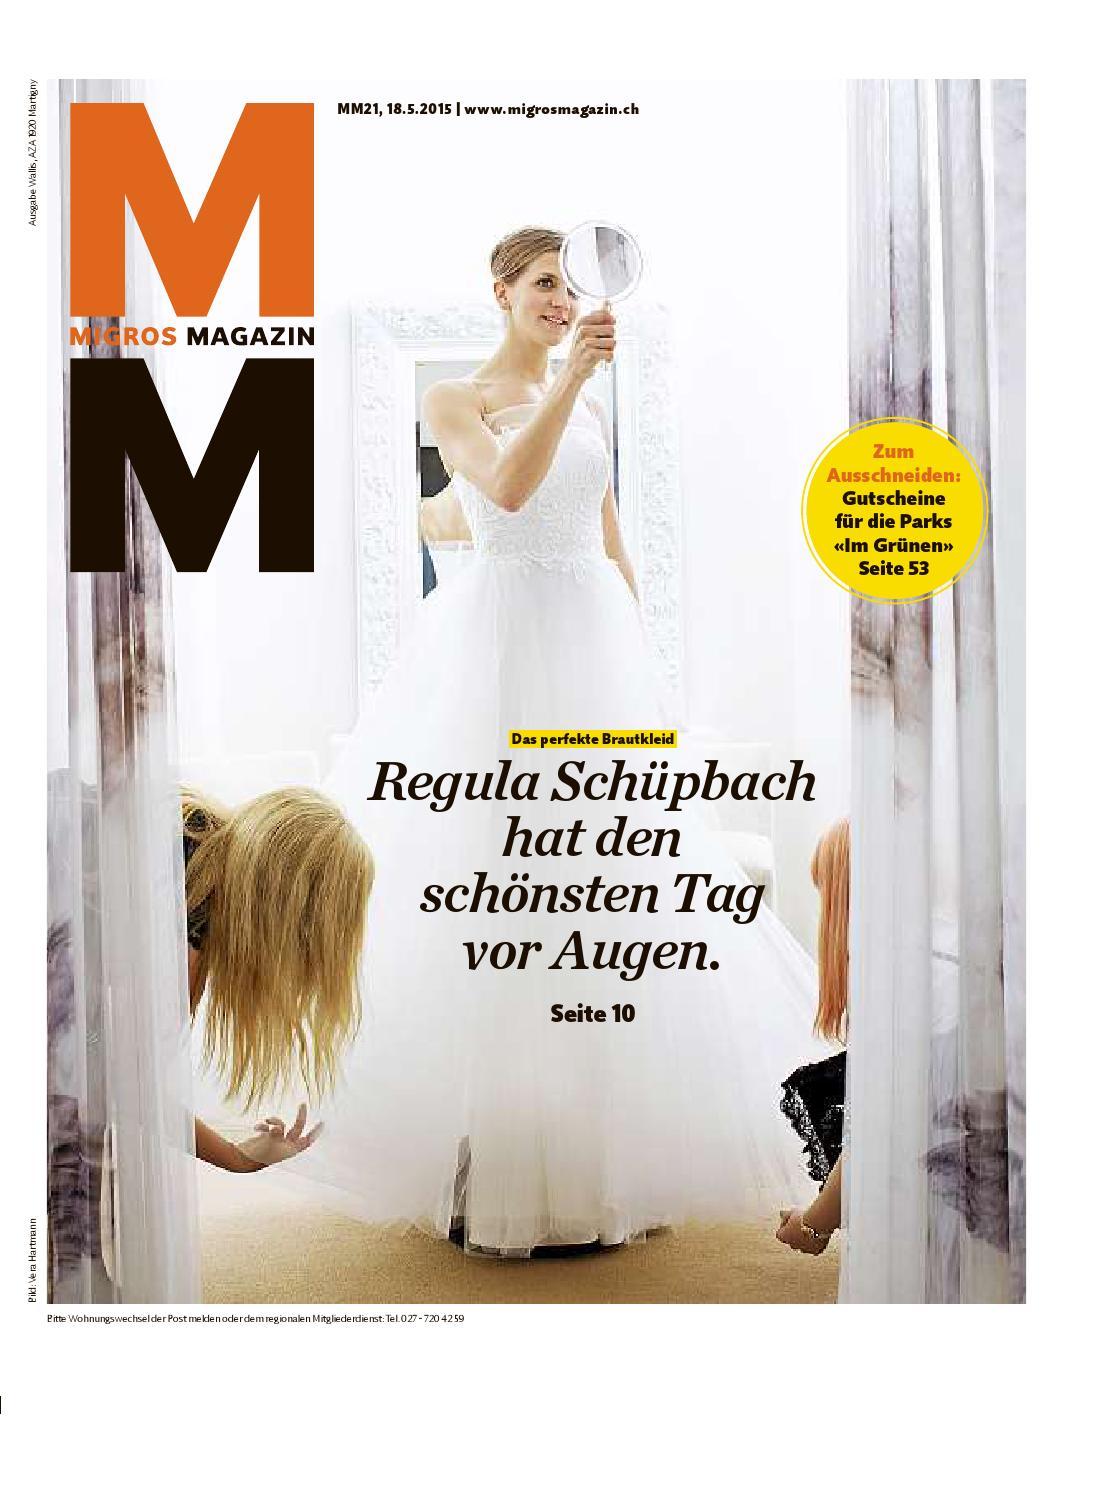 Migros magazin 21 2015 d vs by Migros-Genossenschafts-Bund - issuu